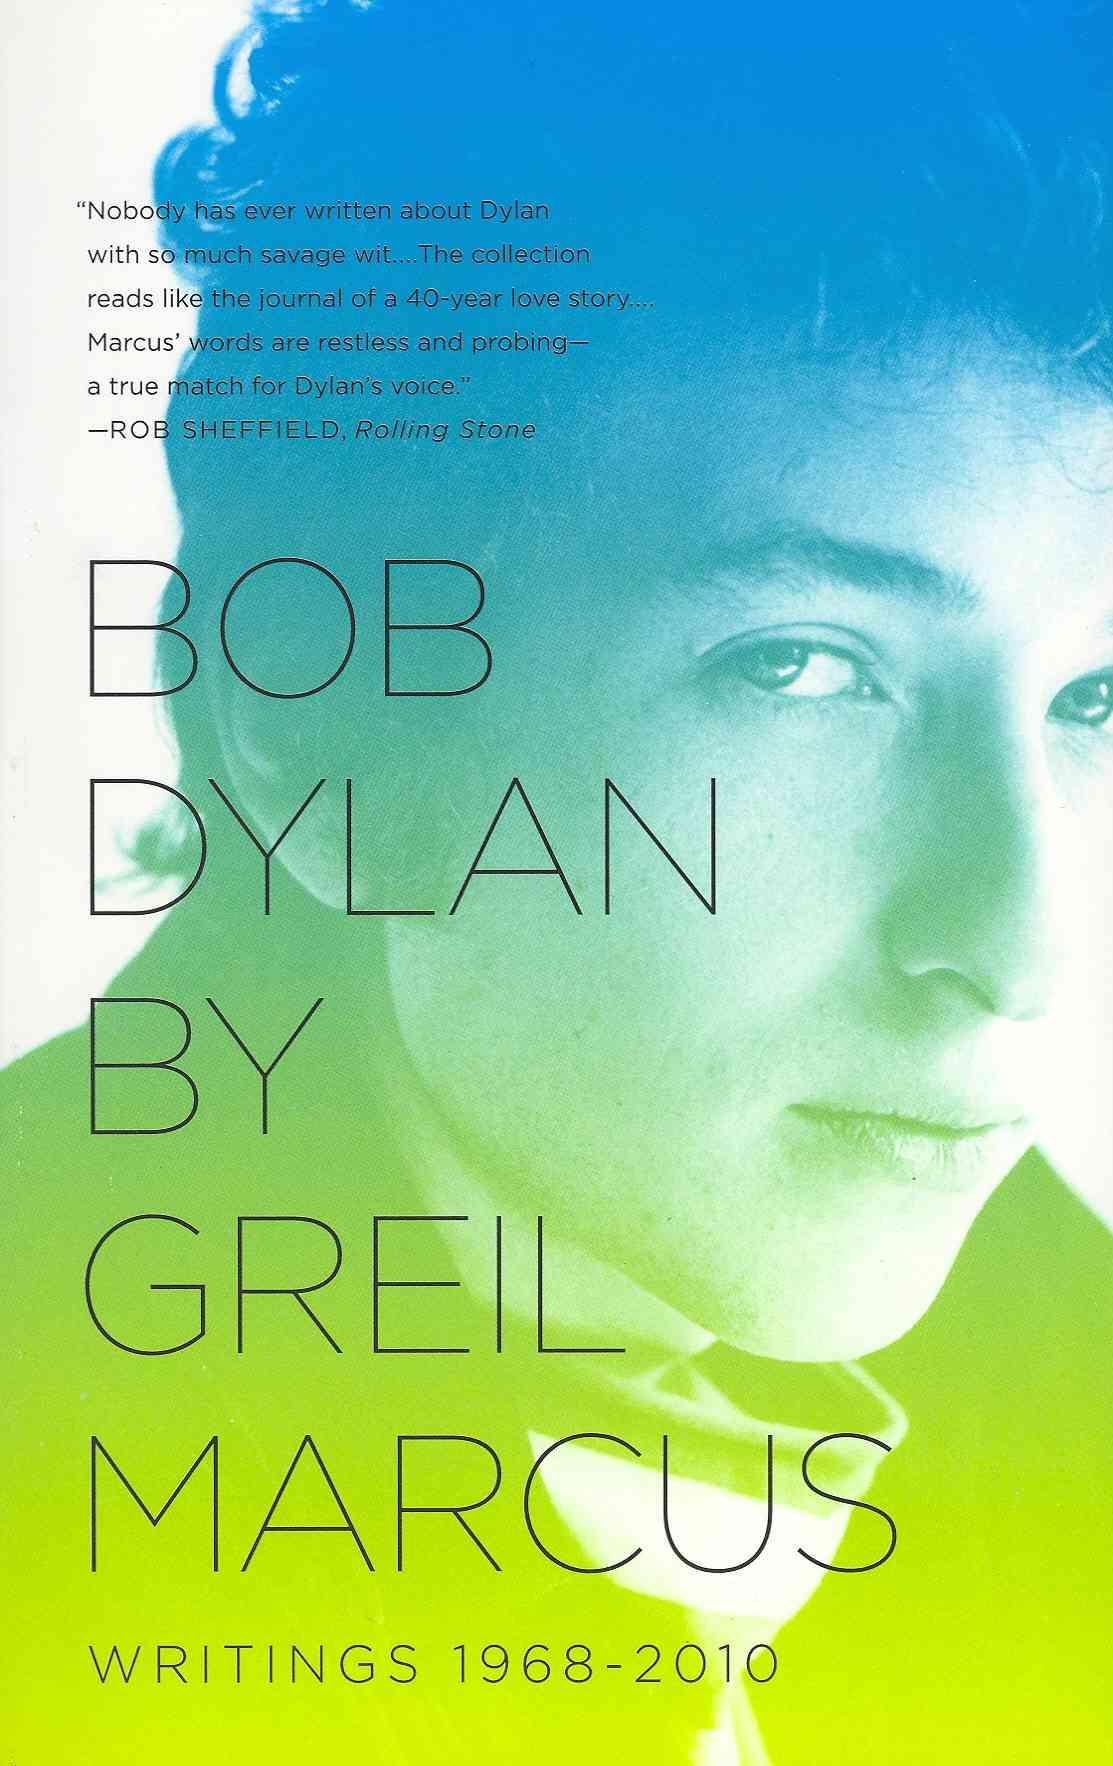 Bob Dylan By Marcus, Greil